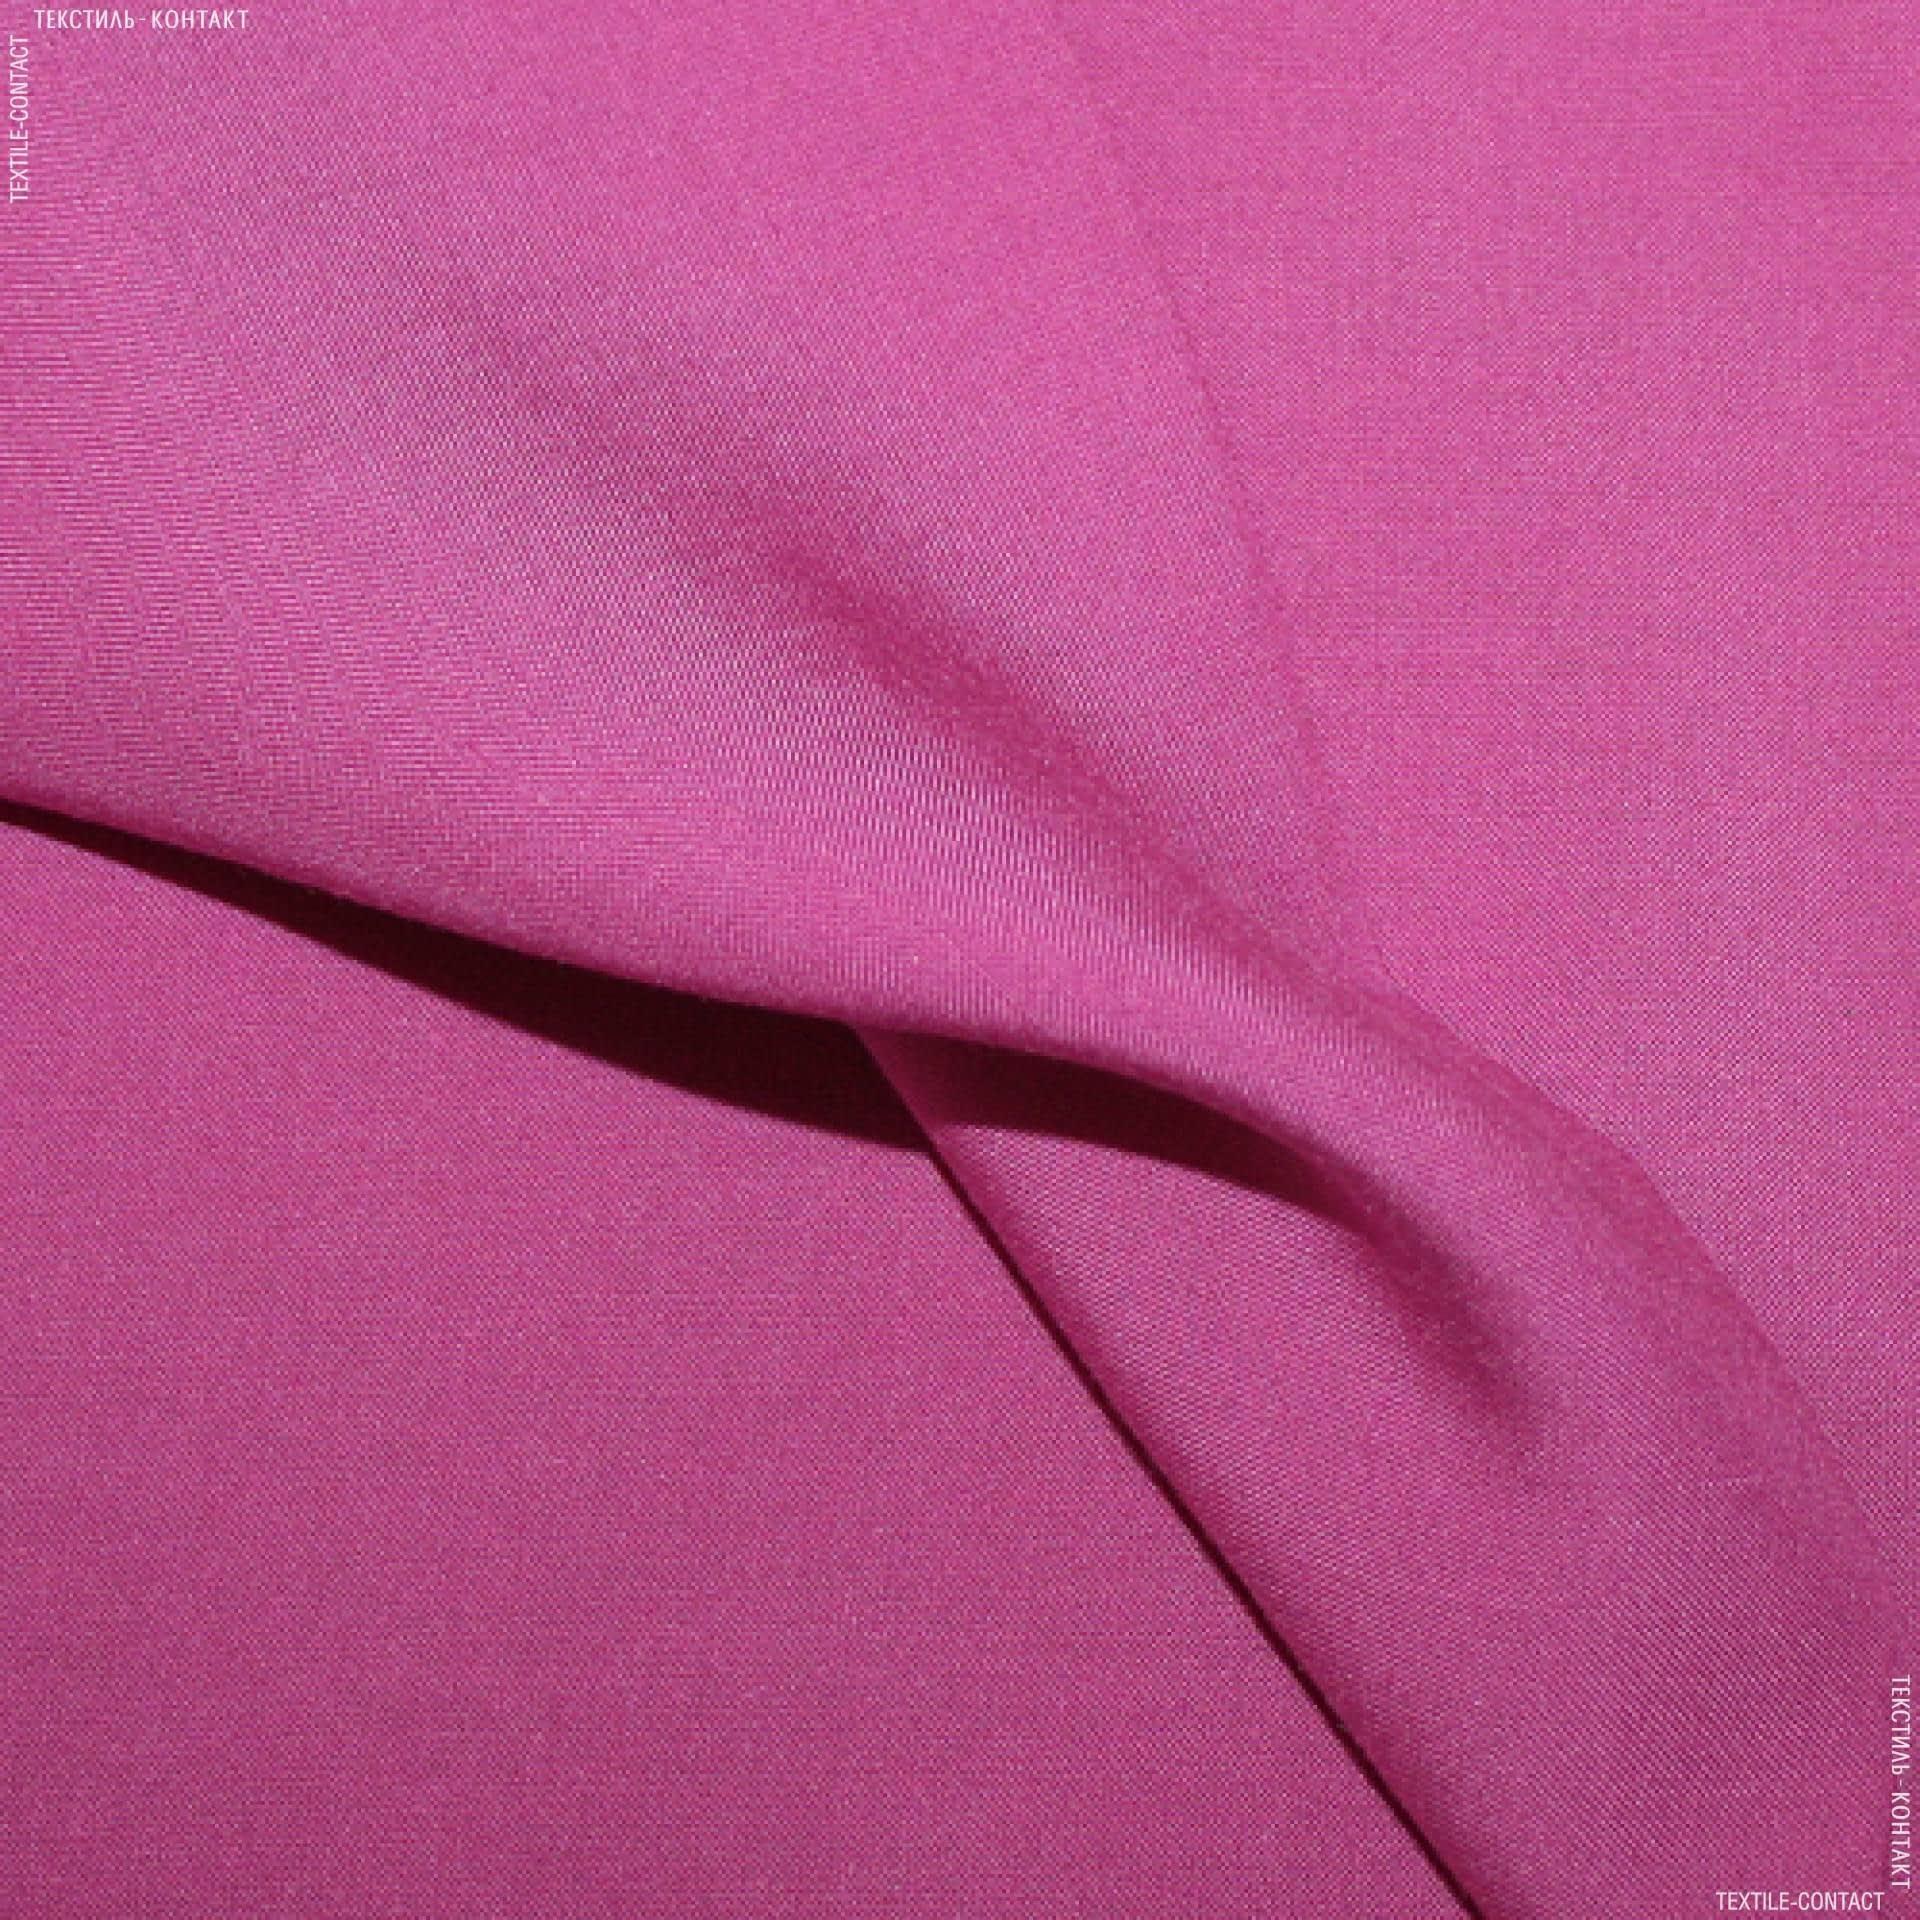 Ткани для детской одежды - Батист вискозный сиренево-розовый